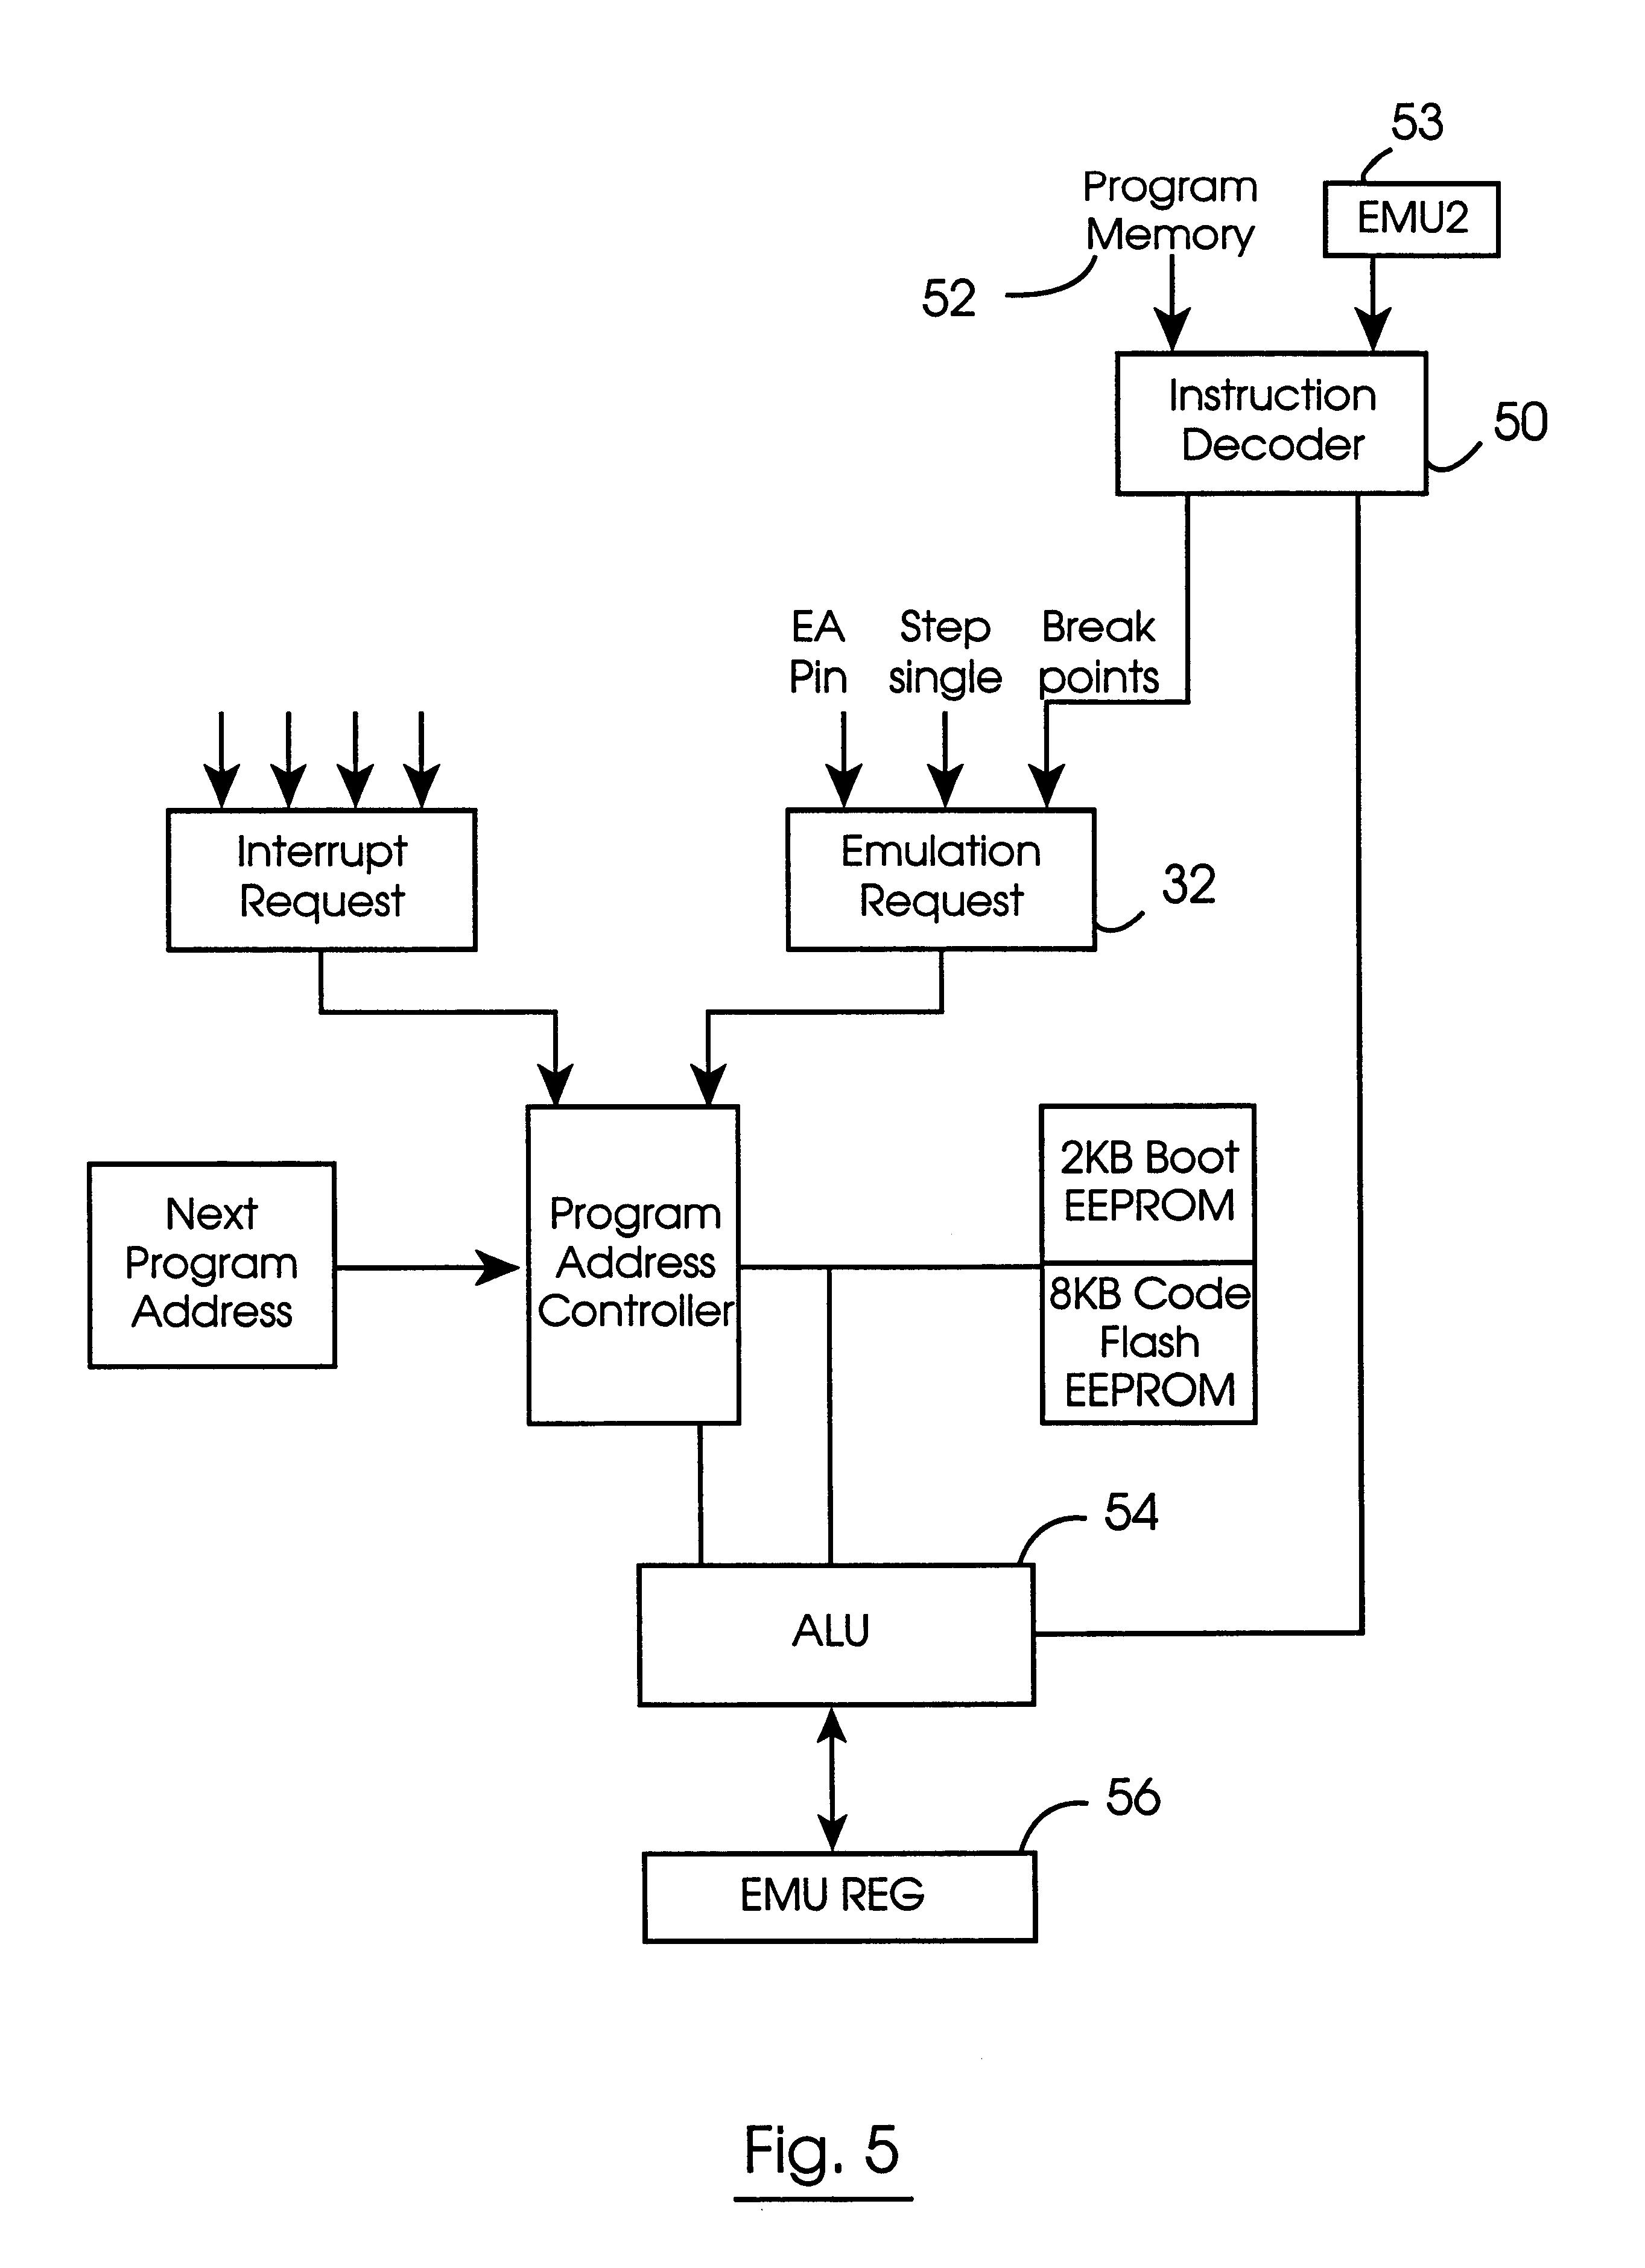 74181 alu wiring diagram database Phase Diagram 1 bit alu wiring diagram database block diagram of 74181 74181 alu